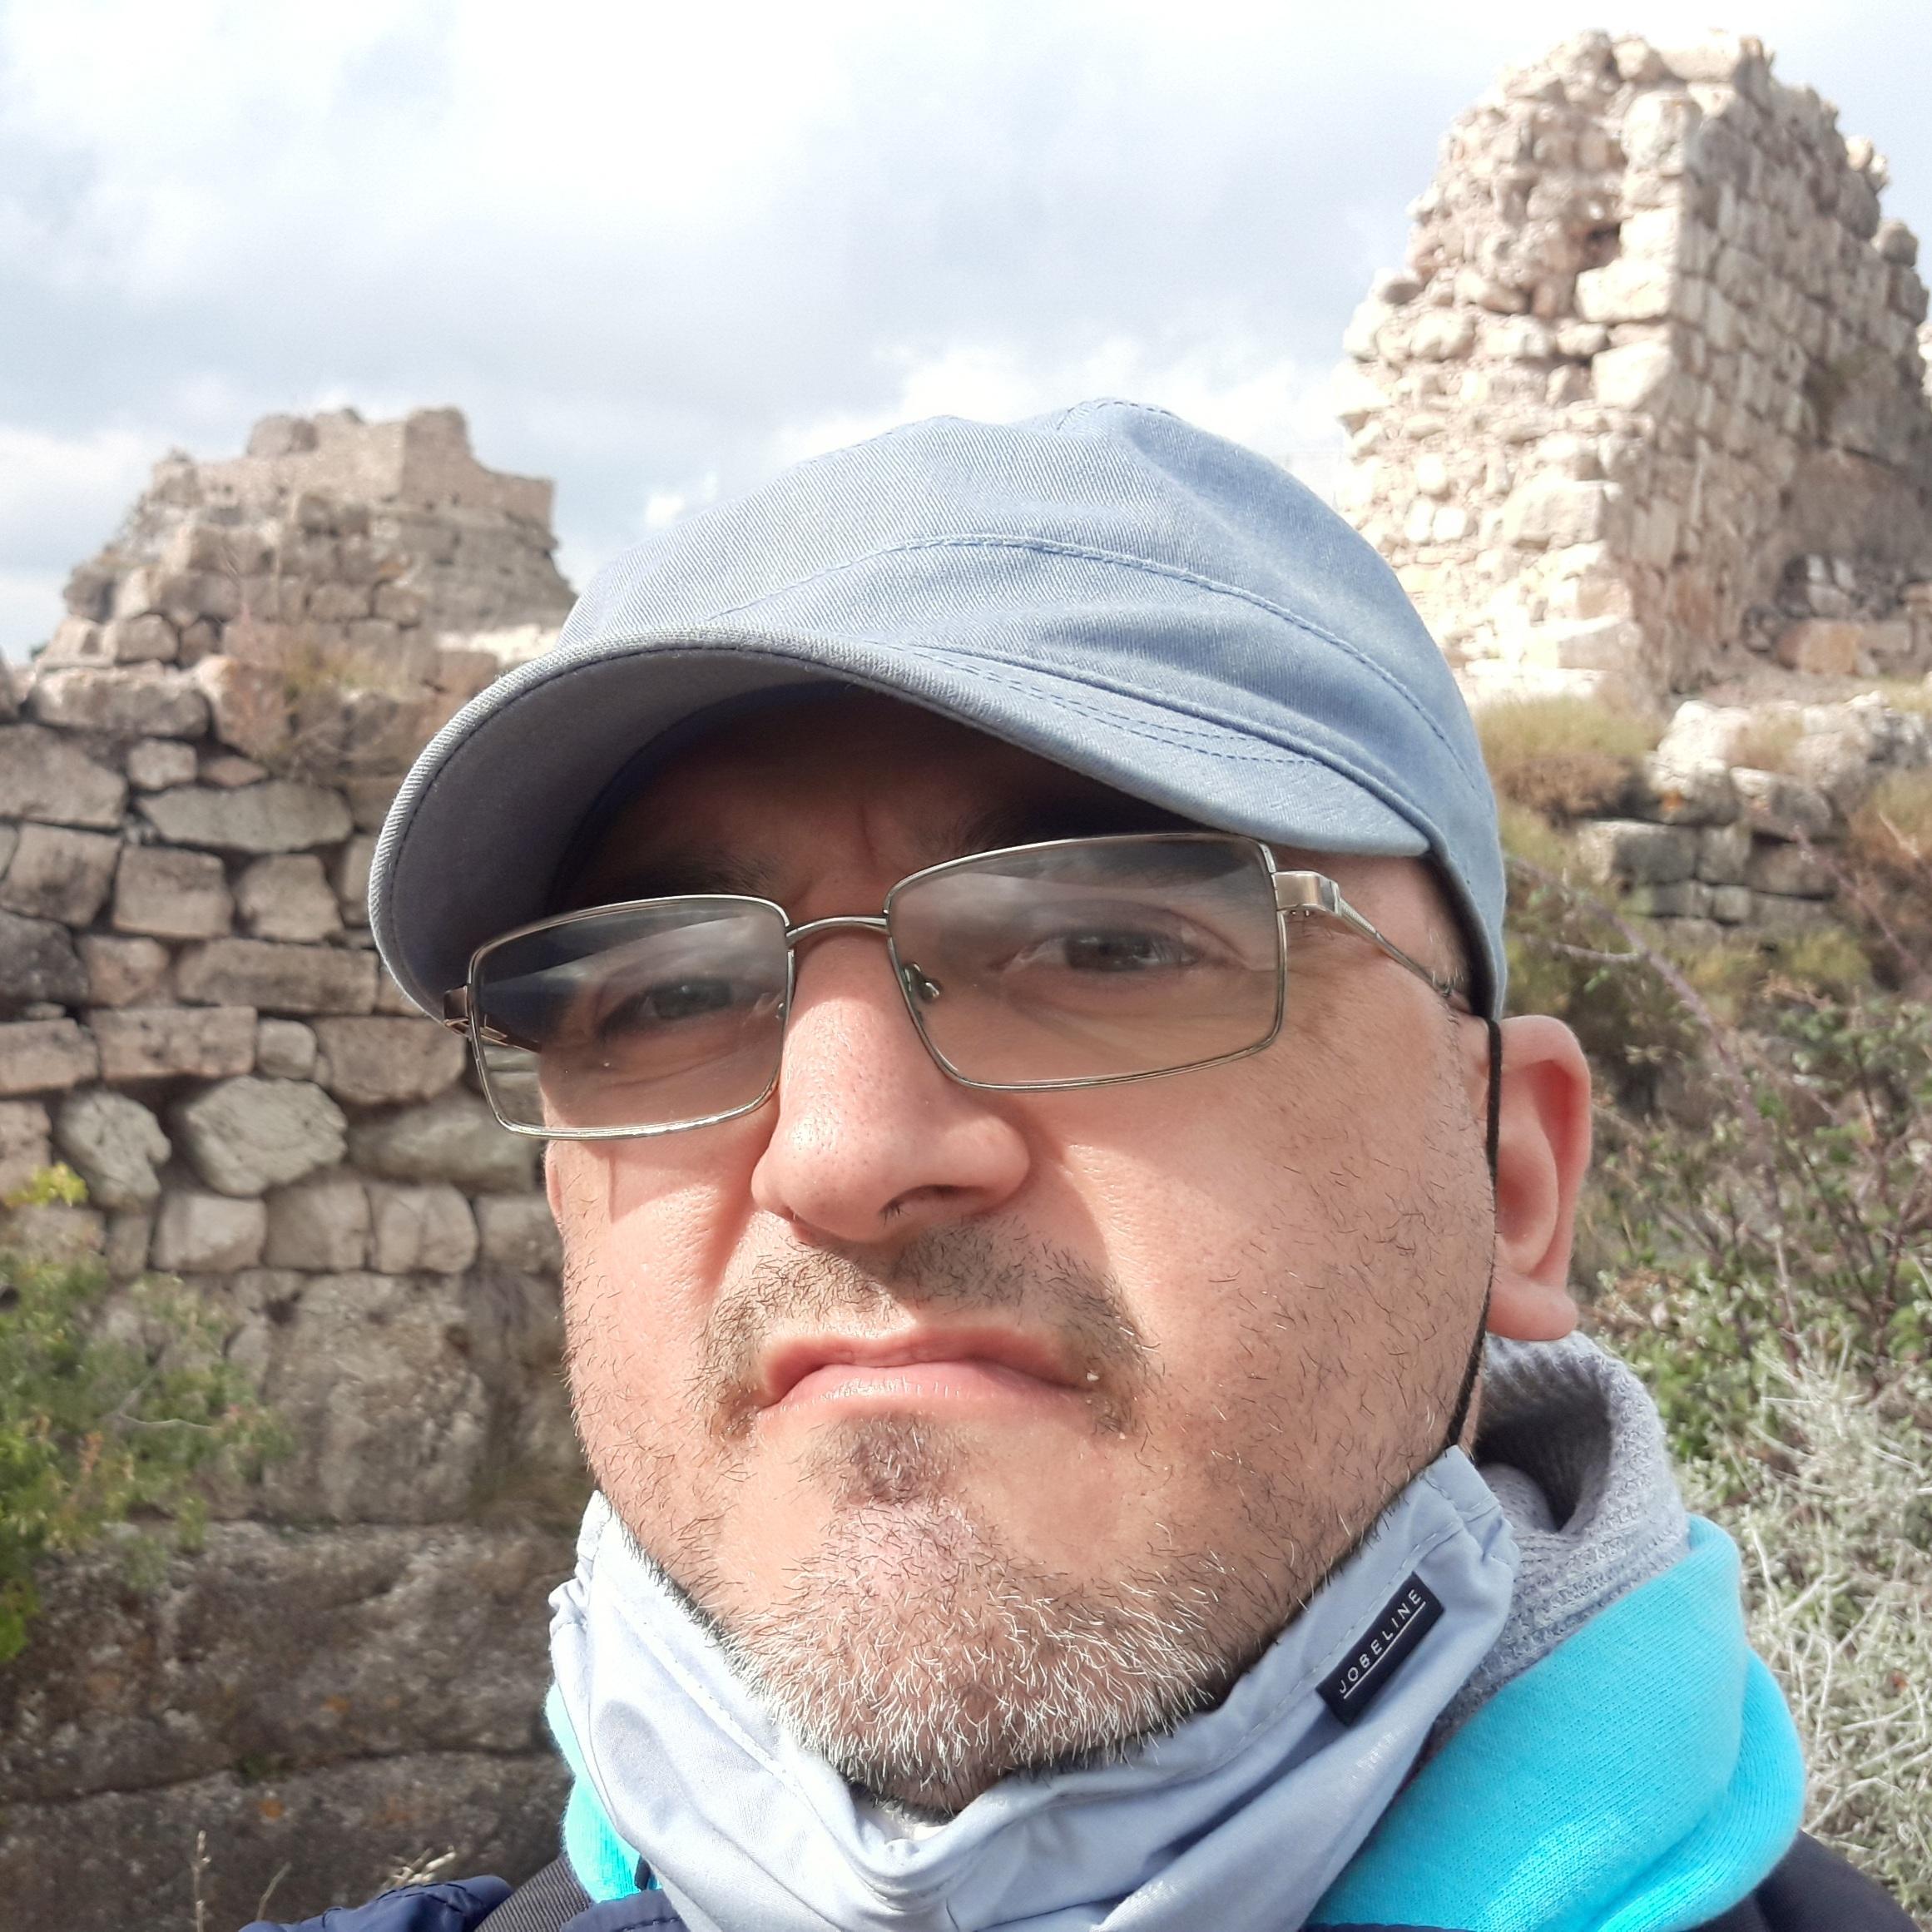 PABLO ALBERTO COLOMBA